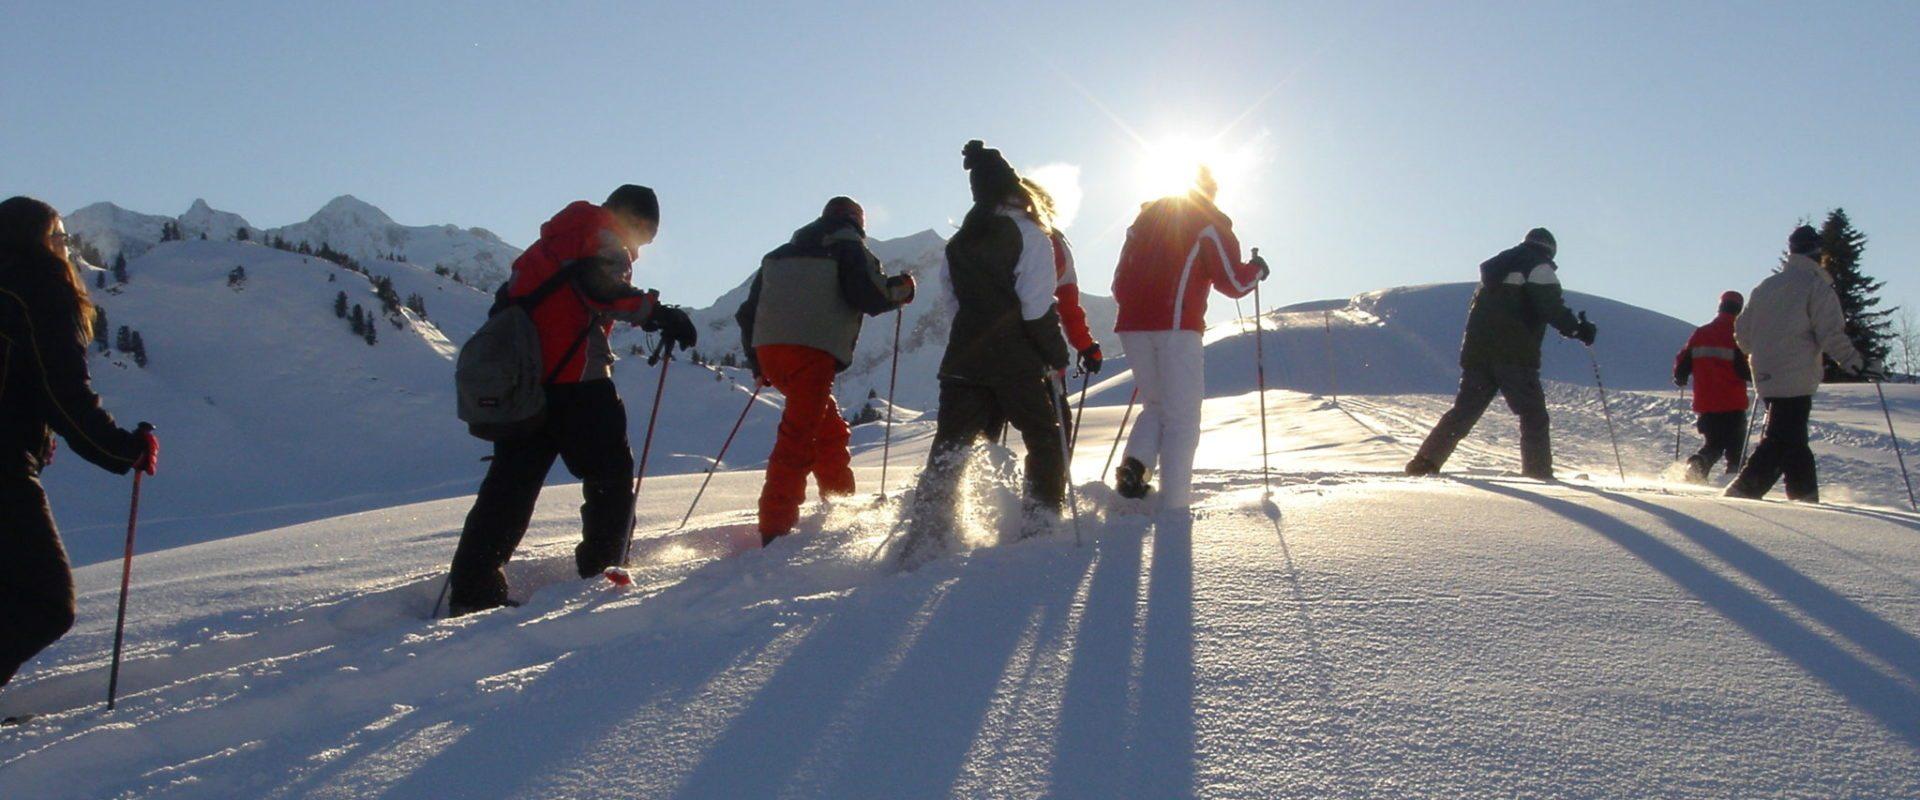 Schneeschuhwandern_Schröcken_Alpinschule